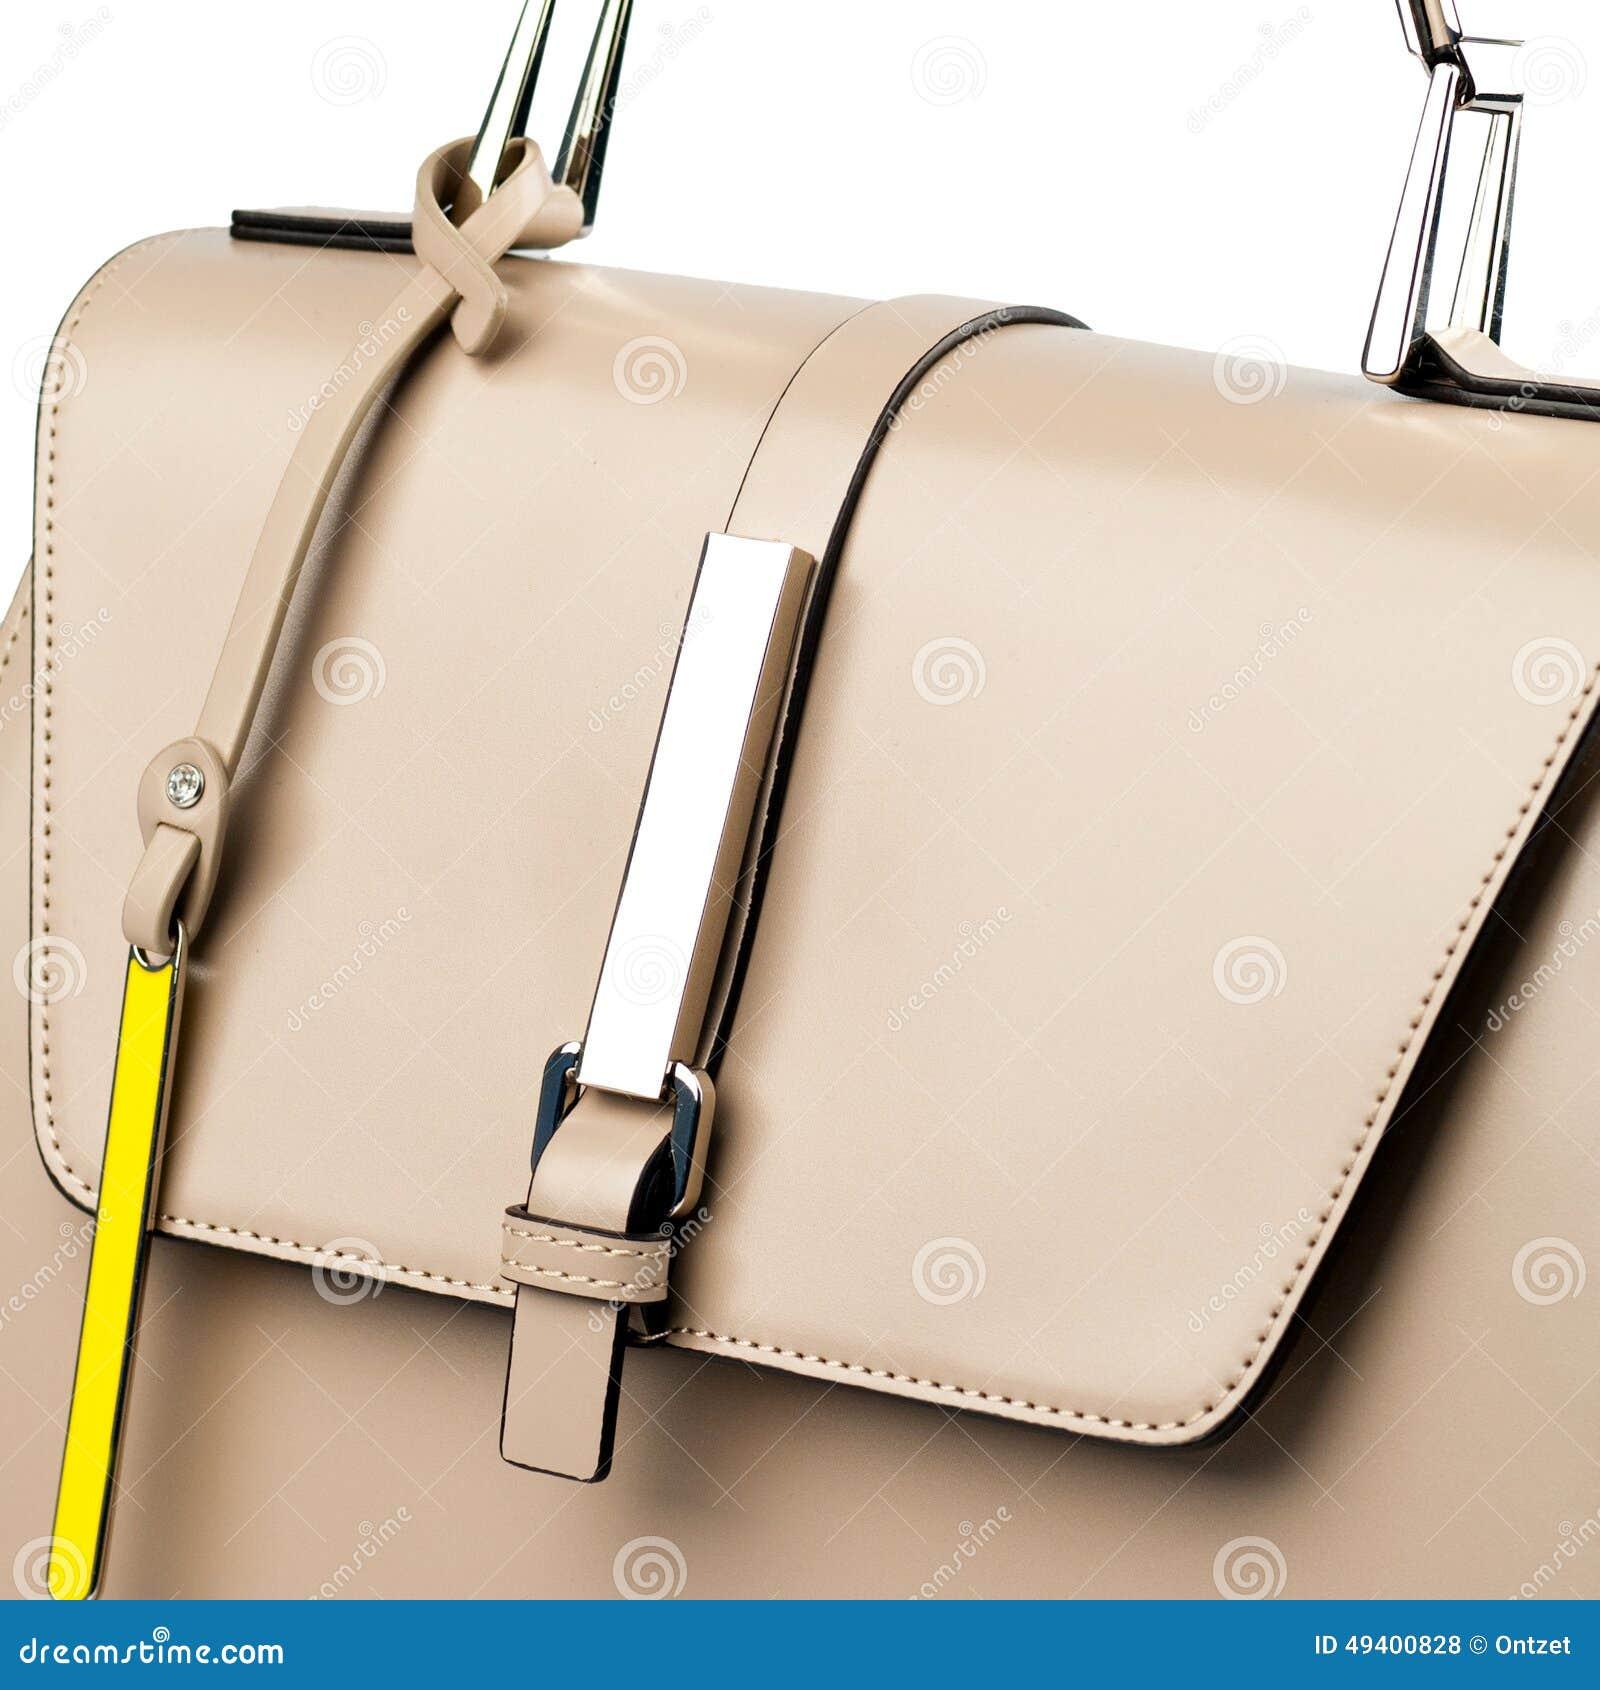 Download Beige Lederner Aktenkoffer Lokalisiert Auf Weißem Hintergrund Stockfoto - Bild von mädchen, beutel: 49400828